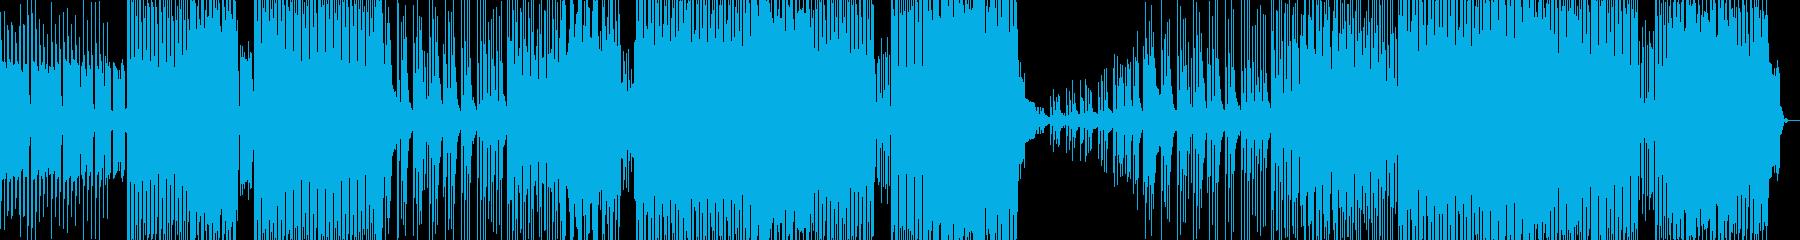 テクノポップダンスミュージックの再生済みの波形